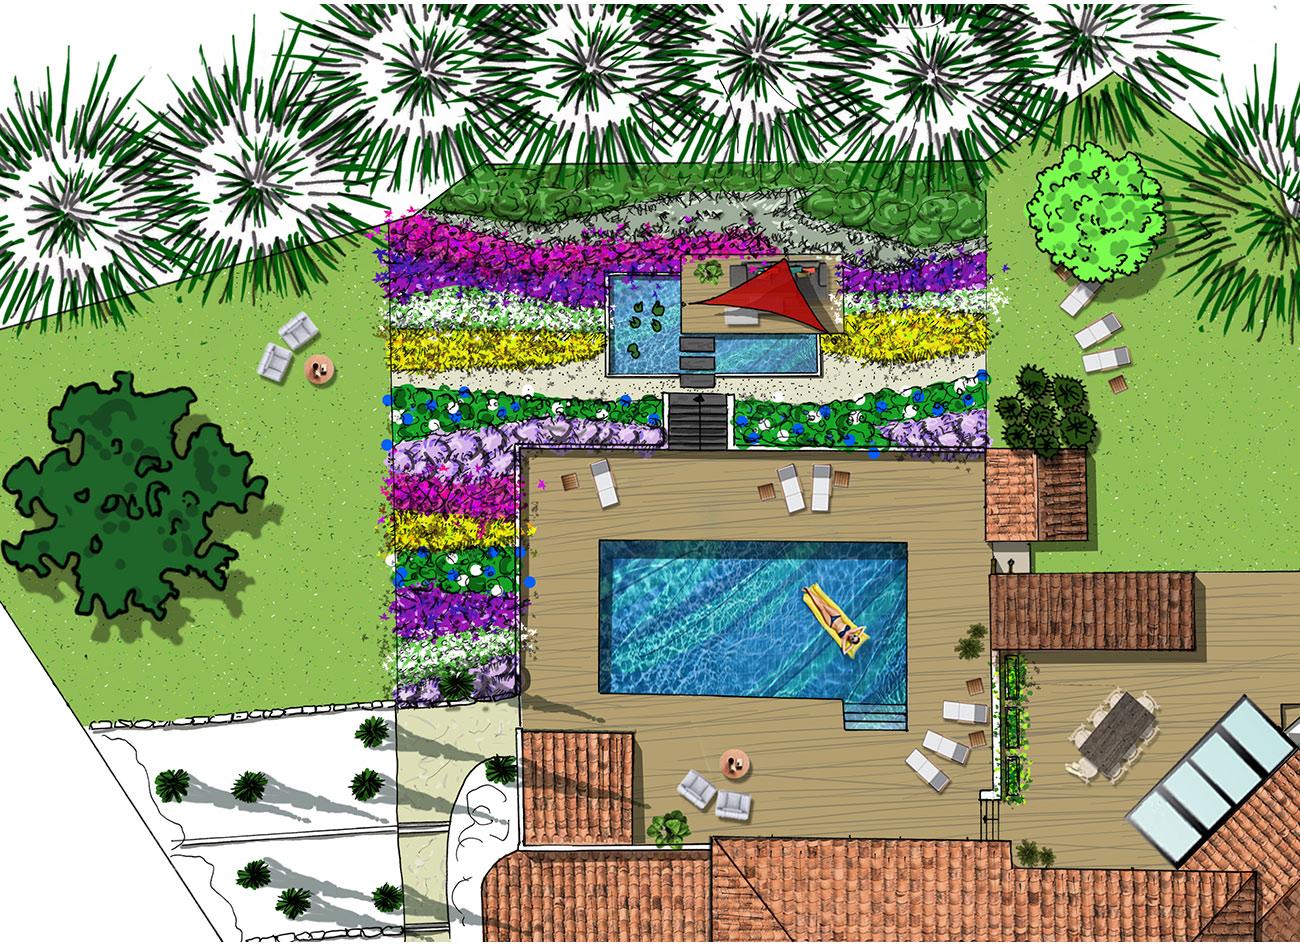 PLAN PROJET - Atelier Naudier - Architecte Paysagiste Concepteur - Montpellier & Aix en Provence - Aménagement jardin